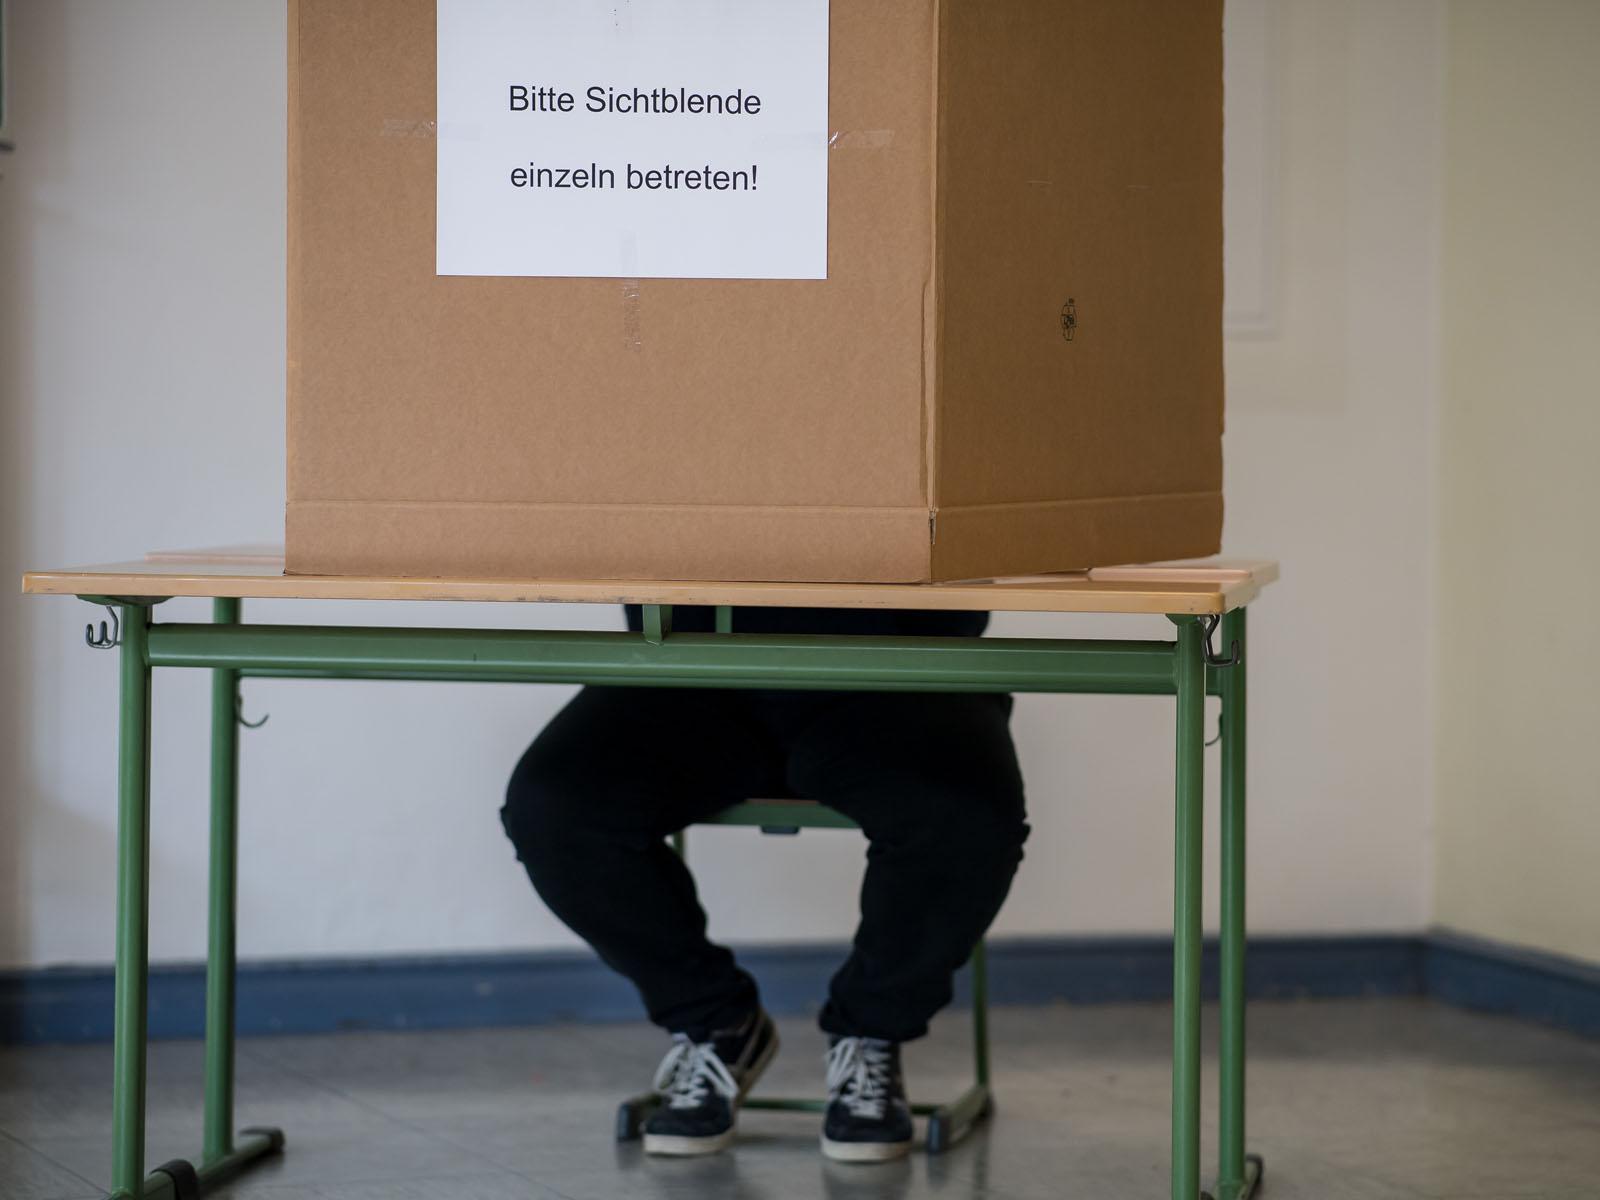 Wahlbeteiligung bei Bundestagswahl 2017 wohl höher als vor vier Jahren